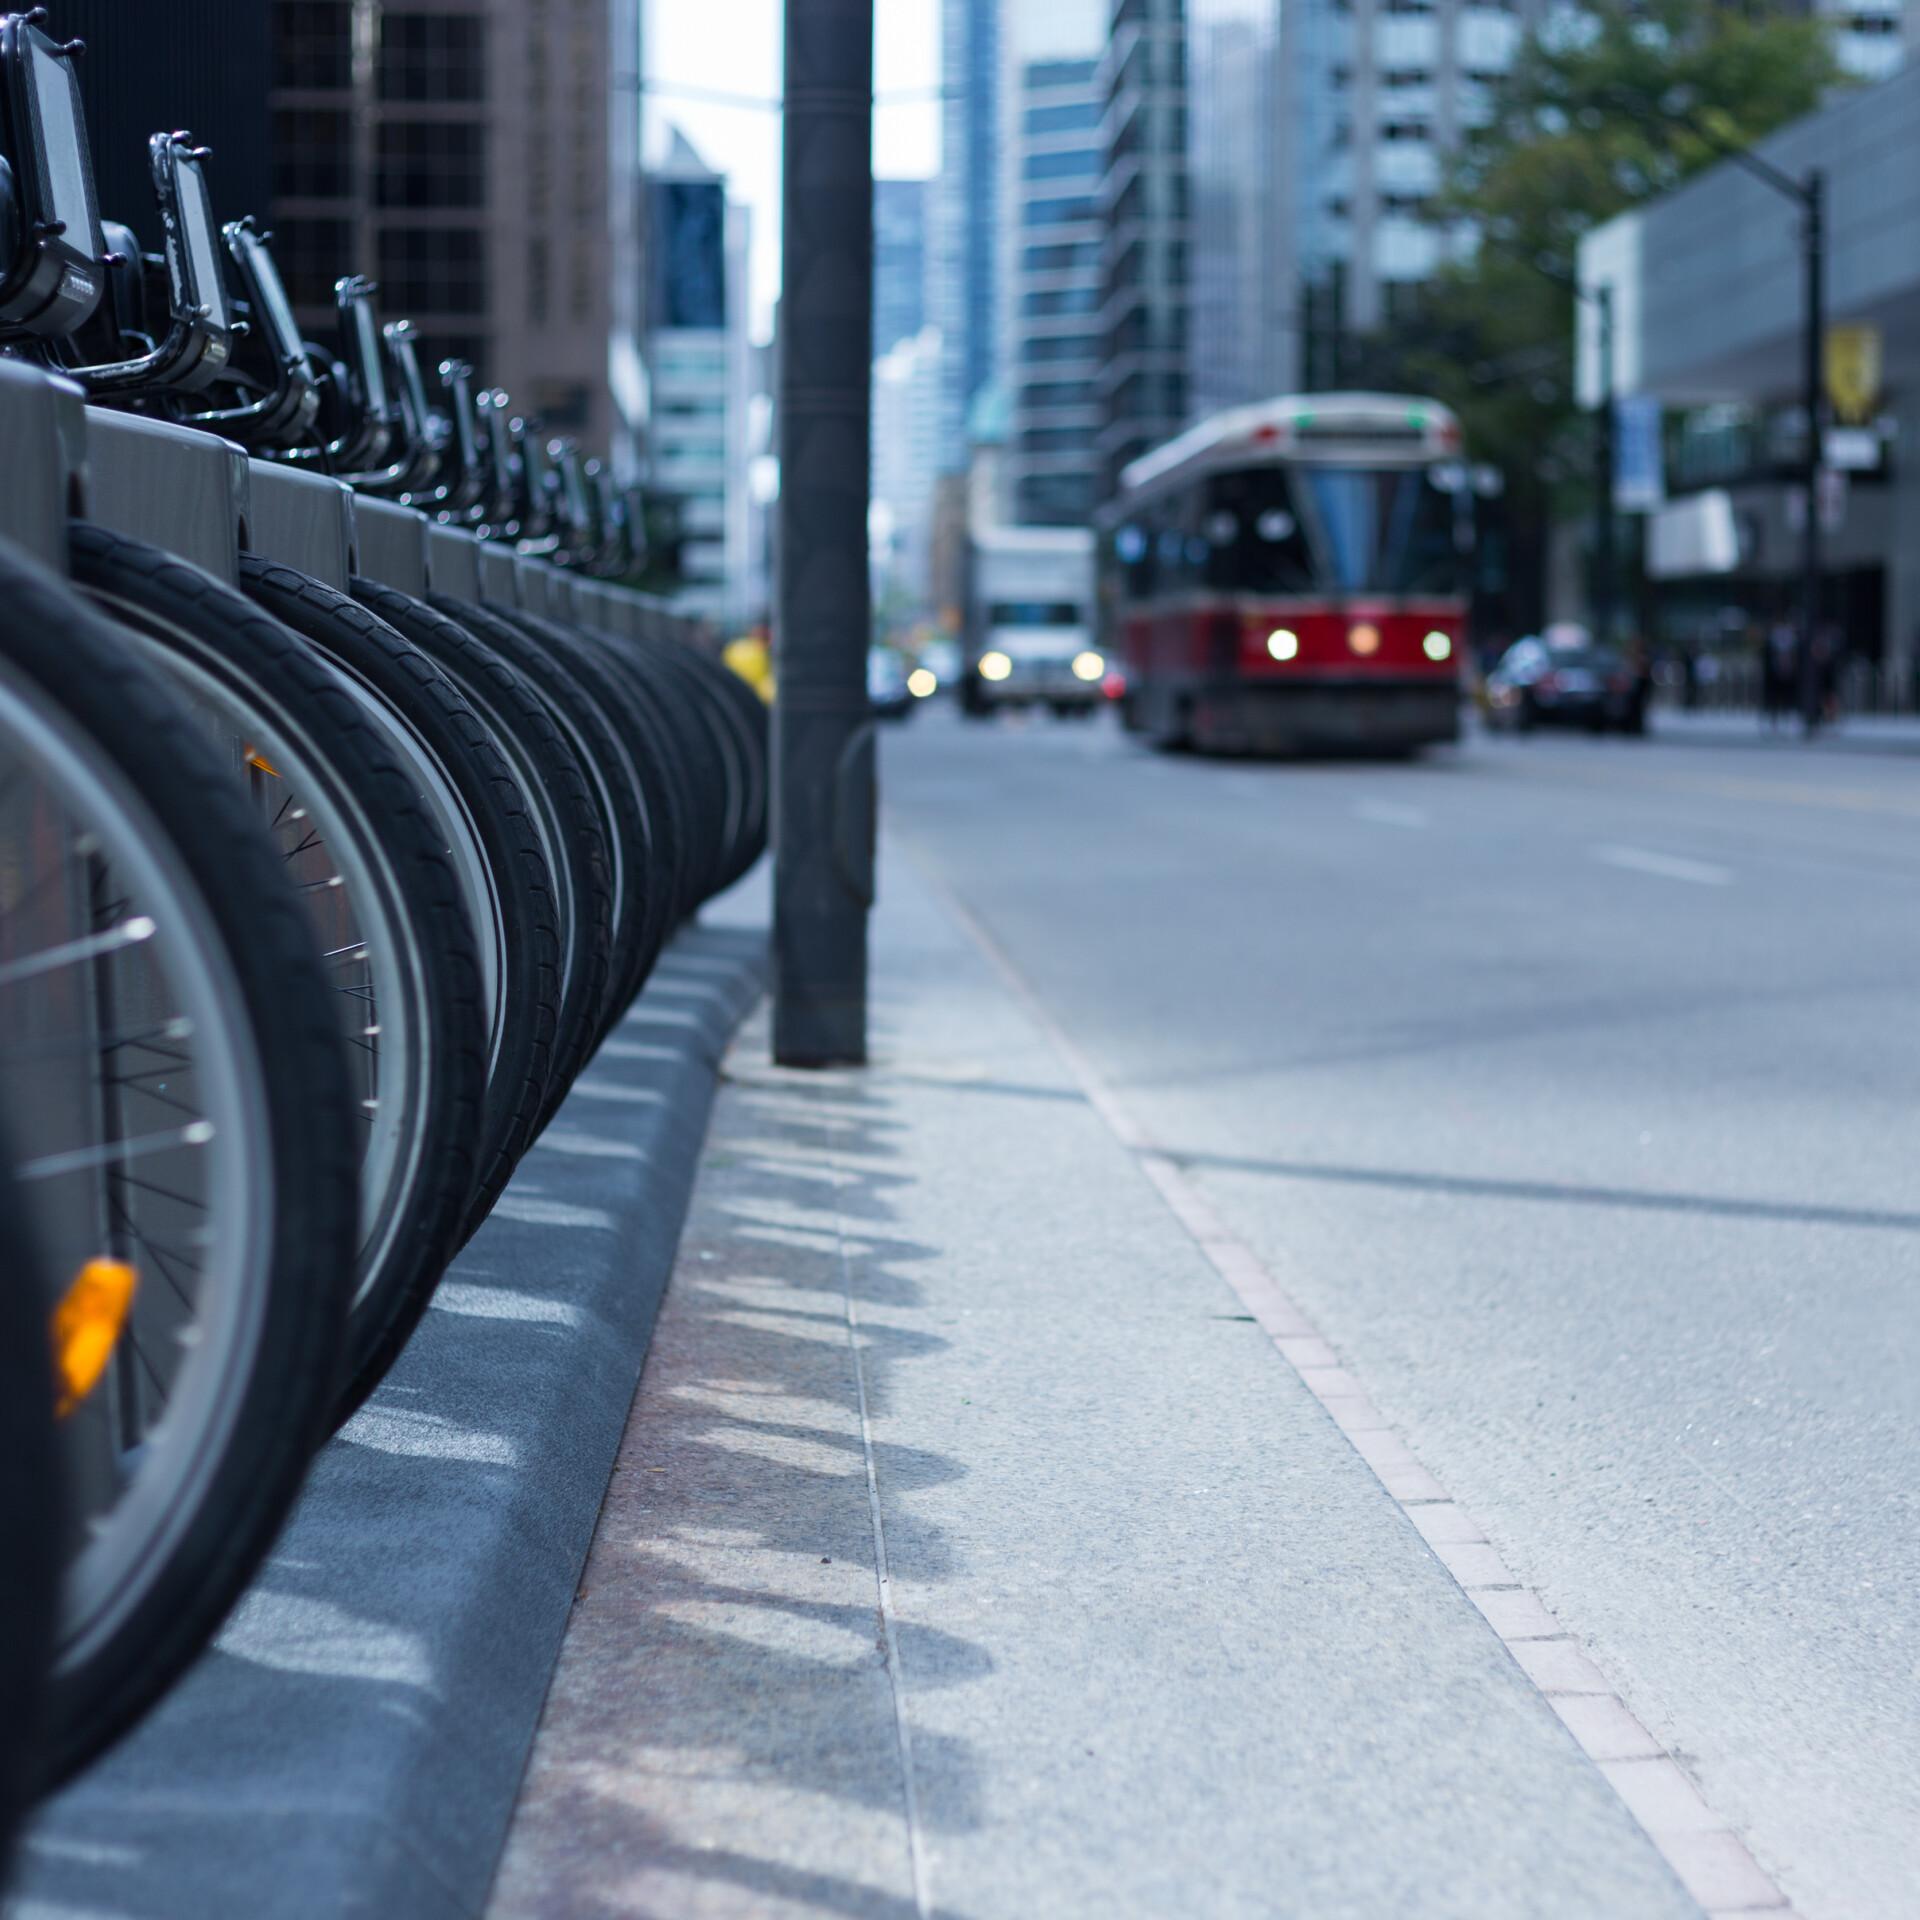 Straßenbahn, Fahrräder und Autos in einer Großstadt